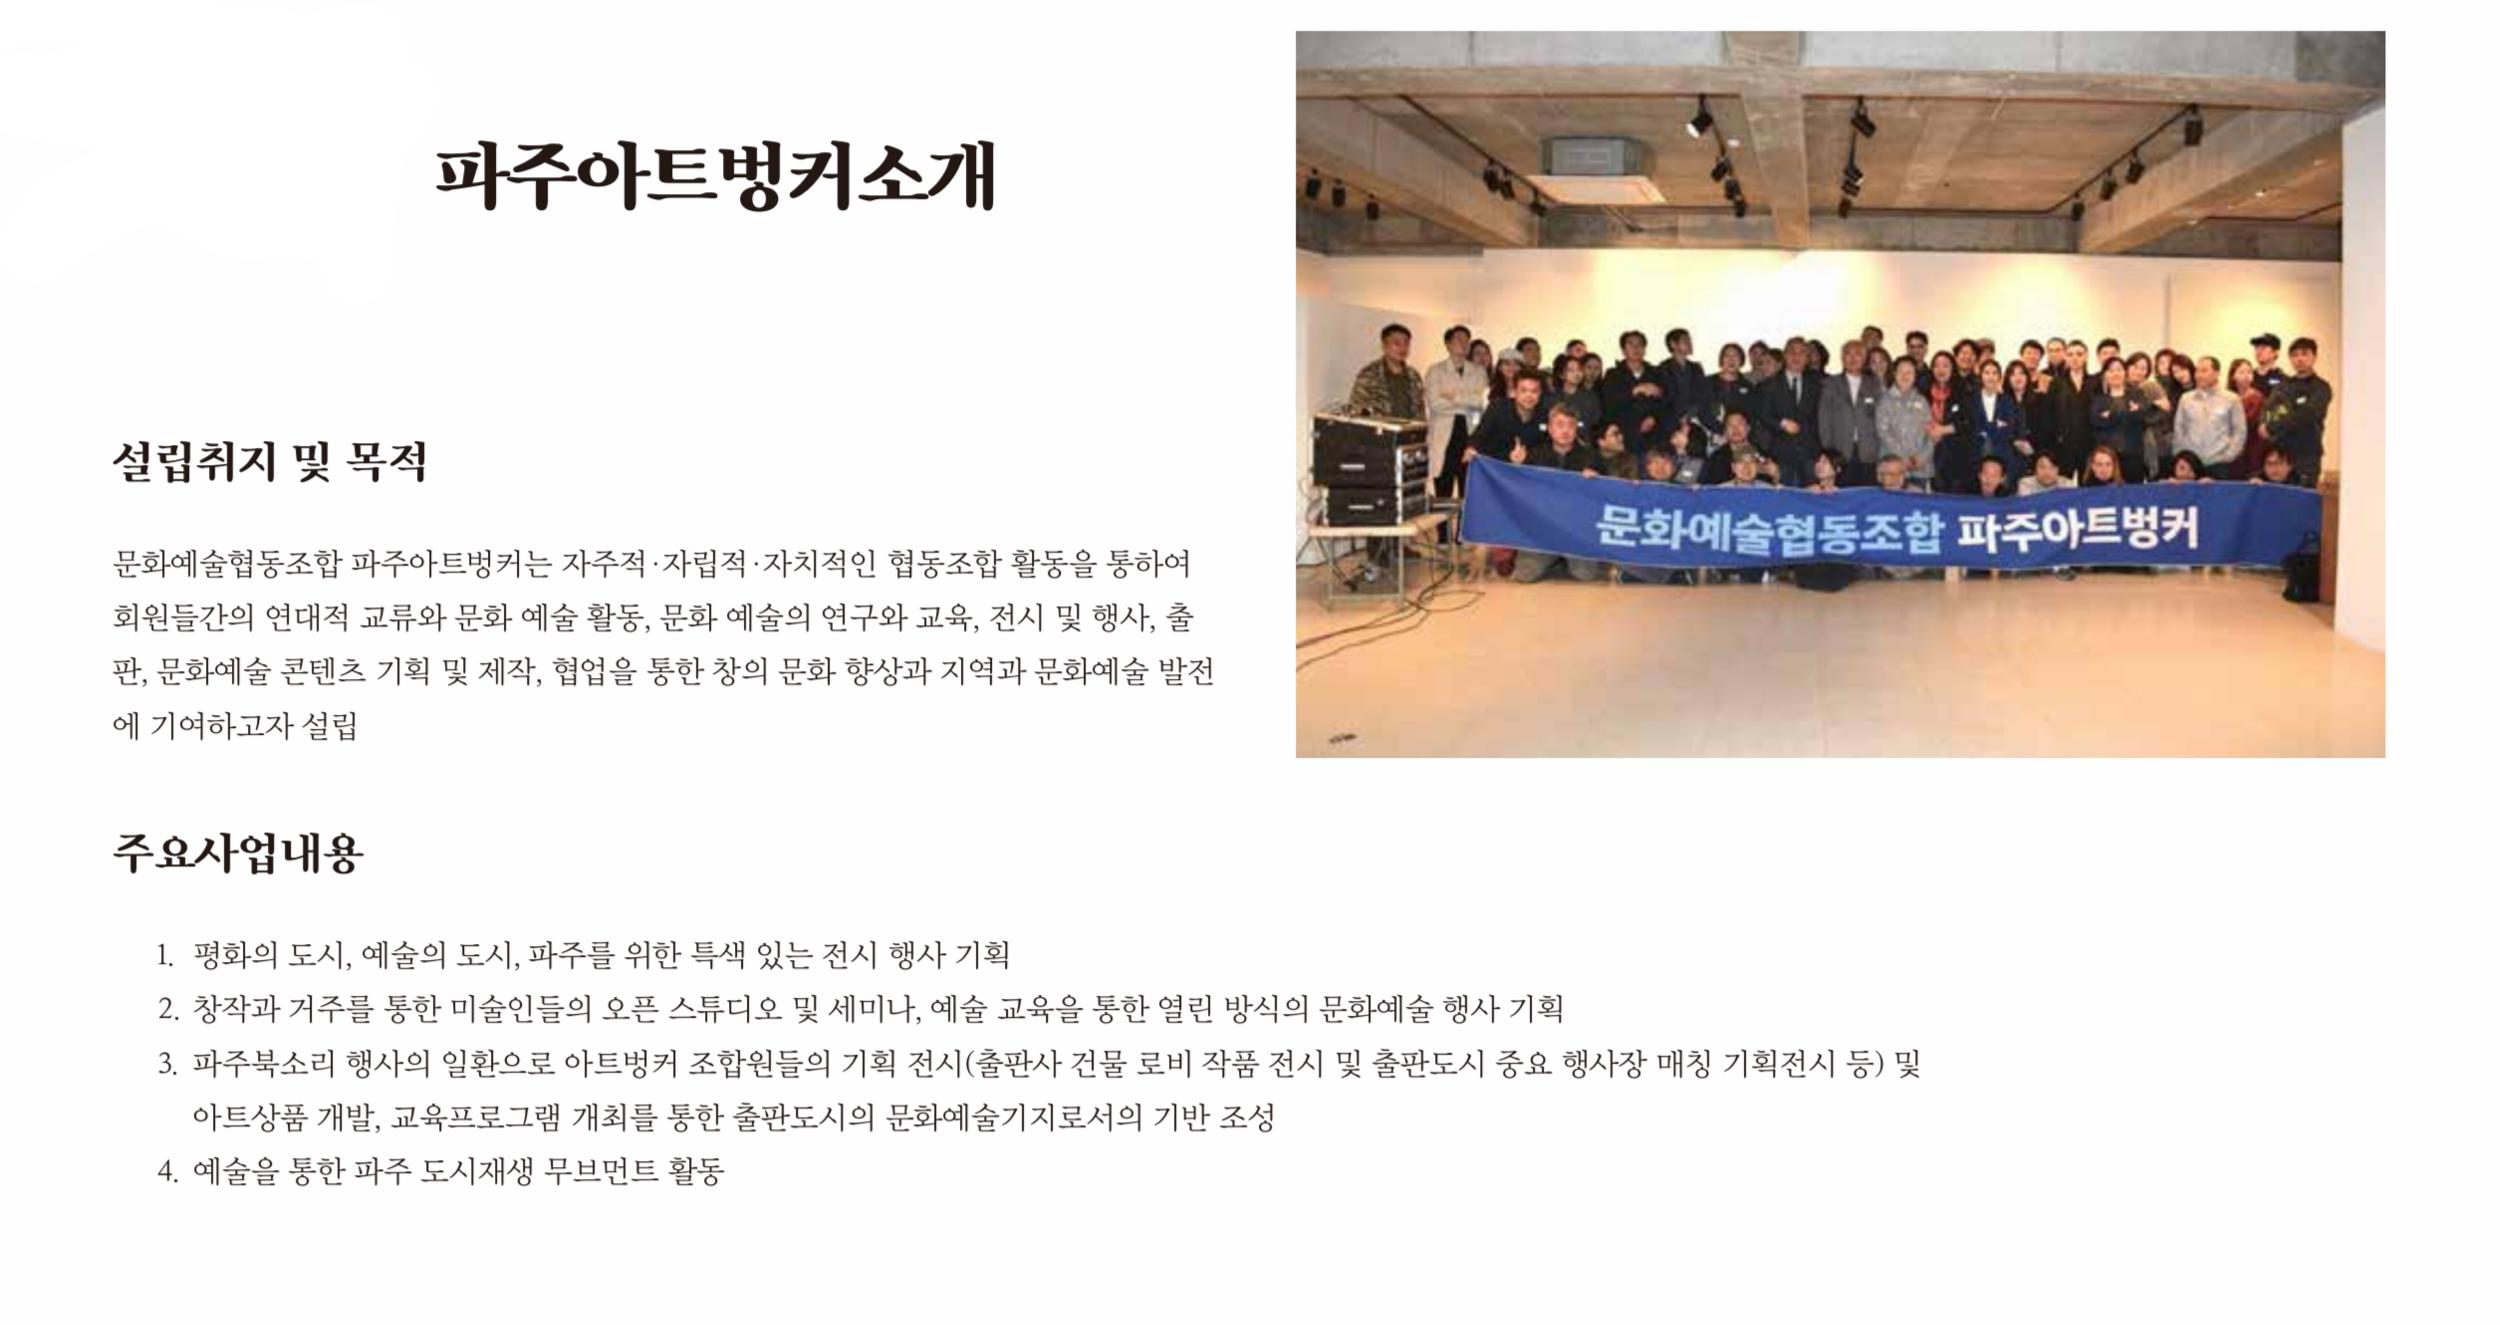 파주아트벙커 소개글 .png